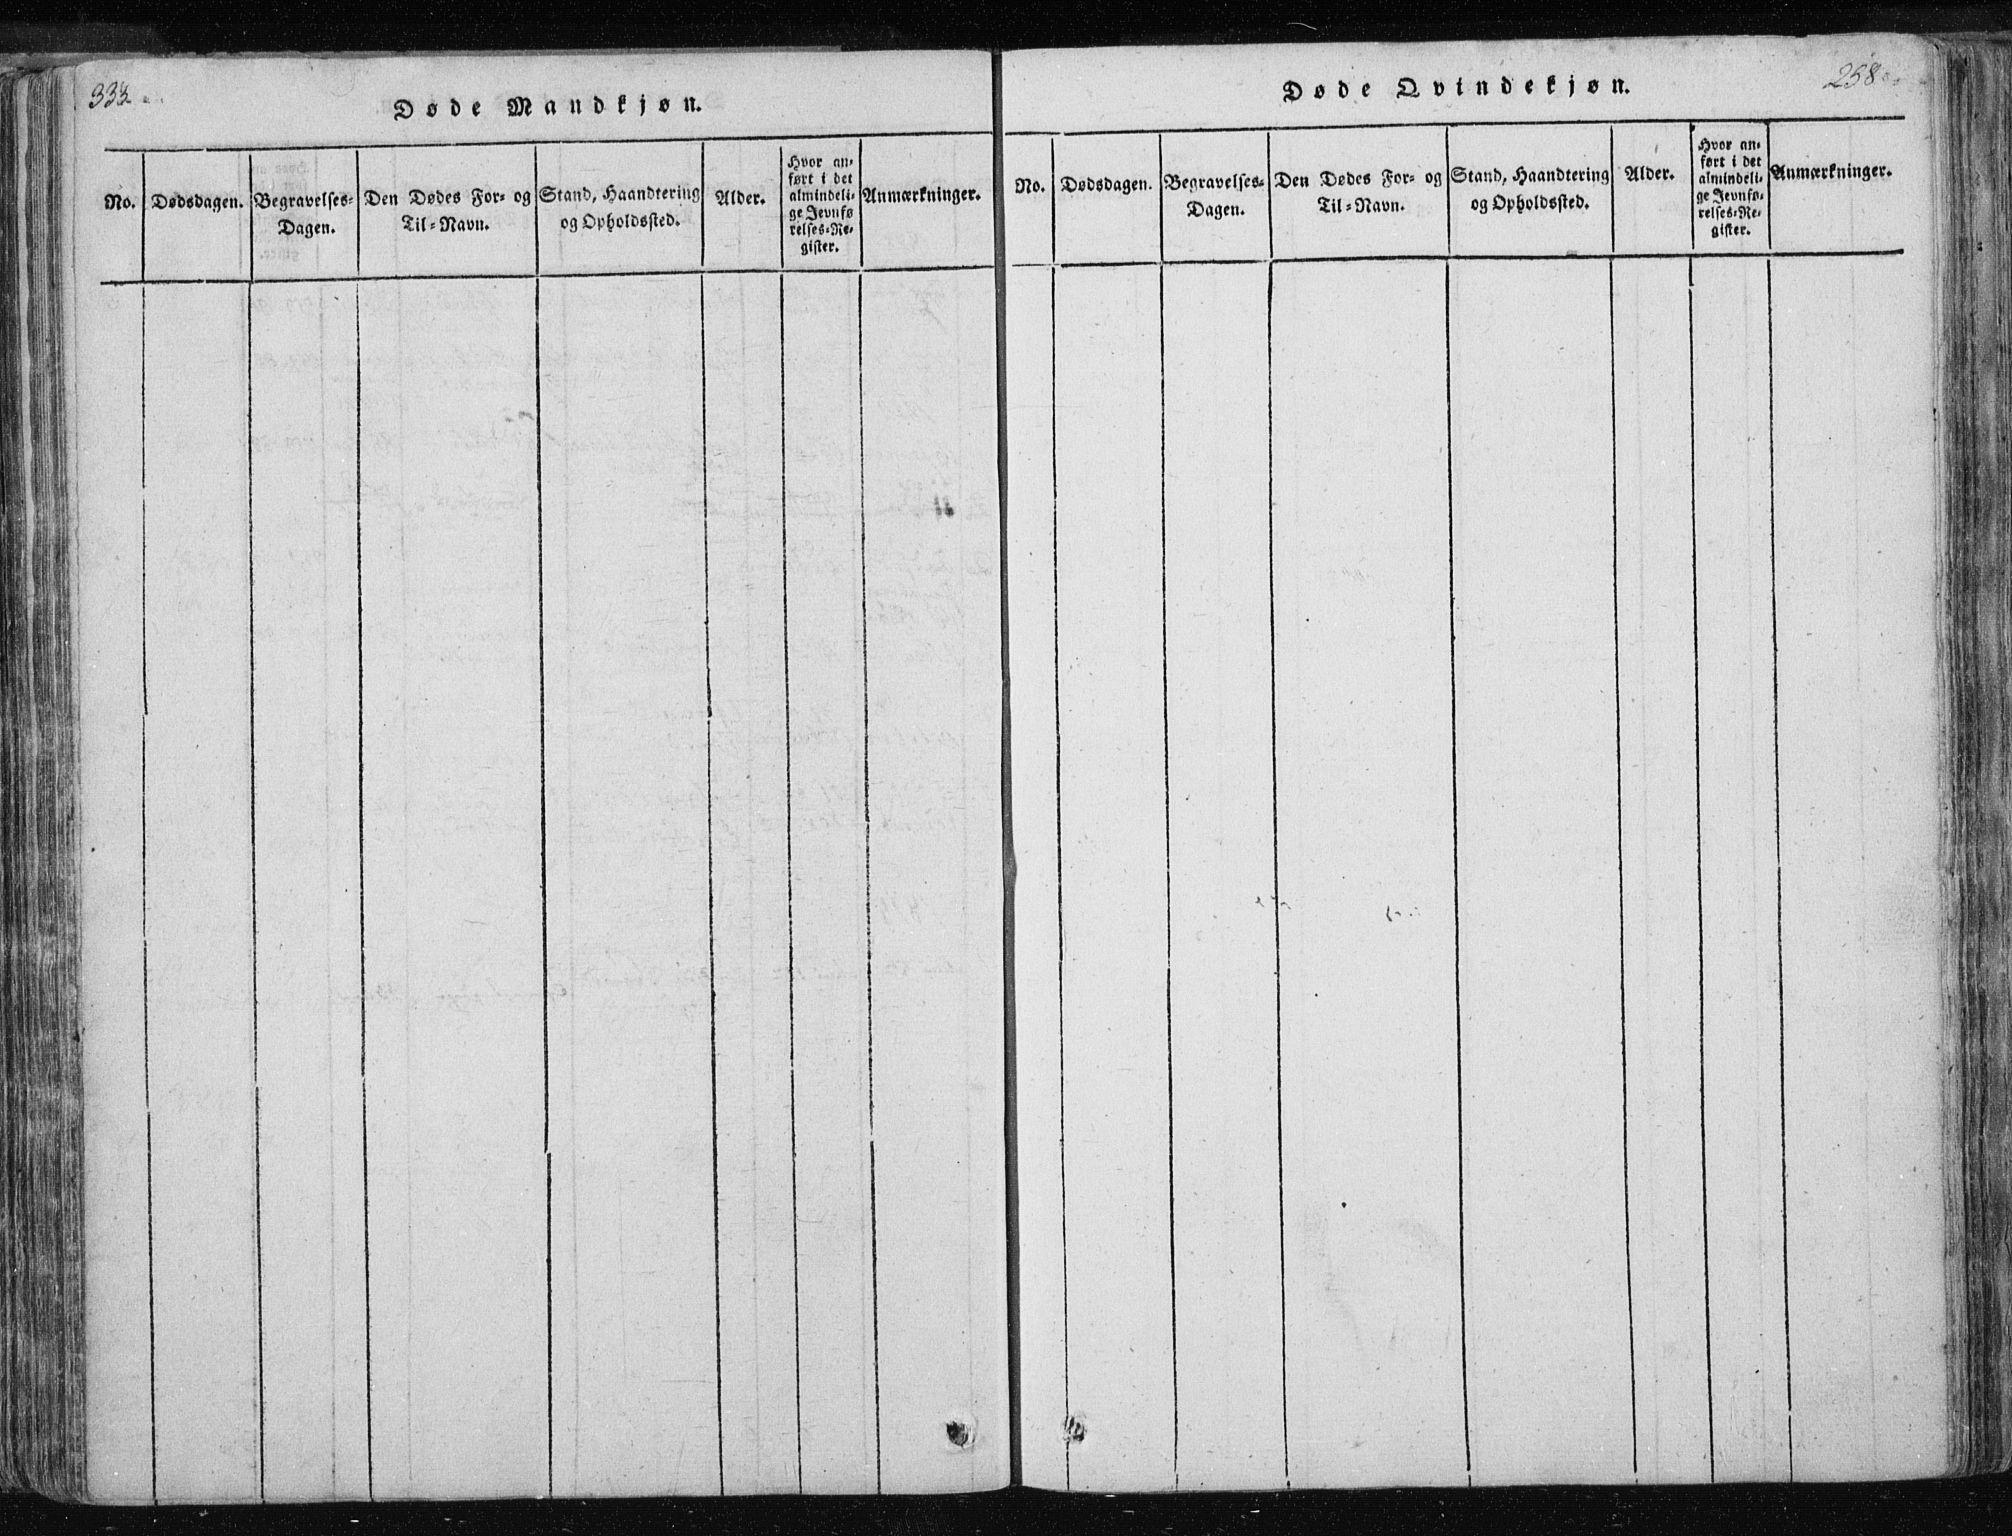 SAT, Ministerialprotokoller, klokkerbøker og fødselsregistre - Nord-Trøndelag, 717/L0148: Ministerialbok nr. 717A04 /3, 1816-1825, s. 333-334